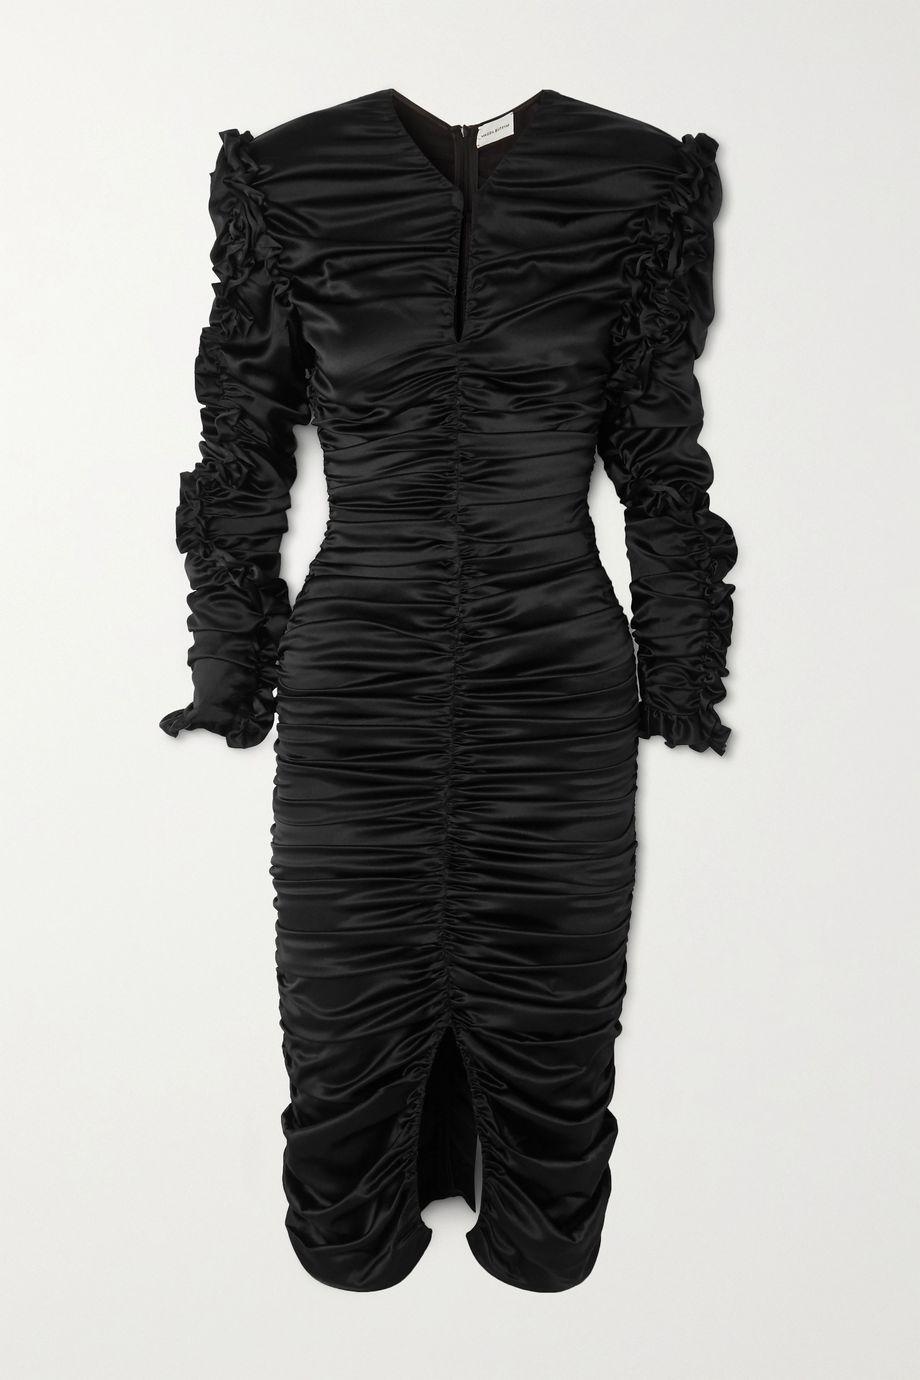 Magda Butrym Pula 挖剪褶饰真丝混纺缎布中长连衣裙